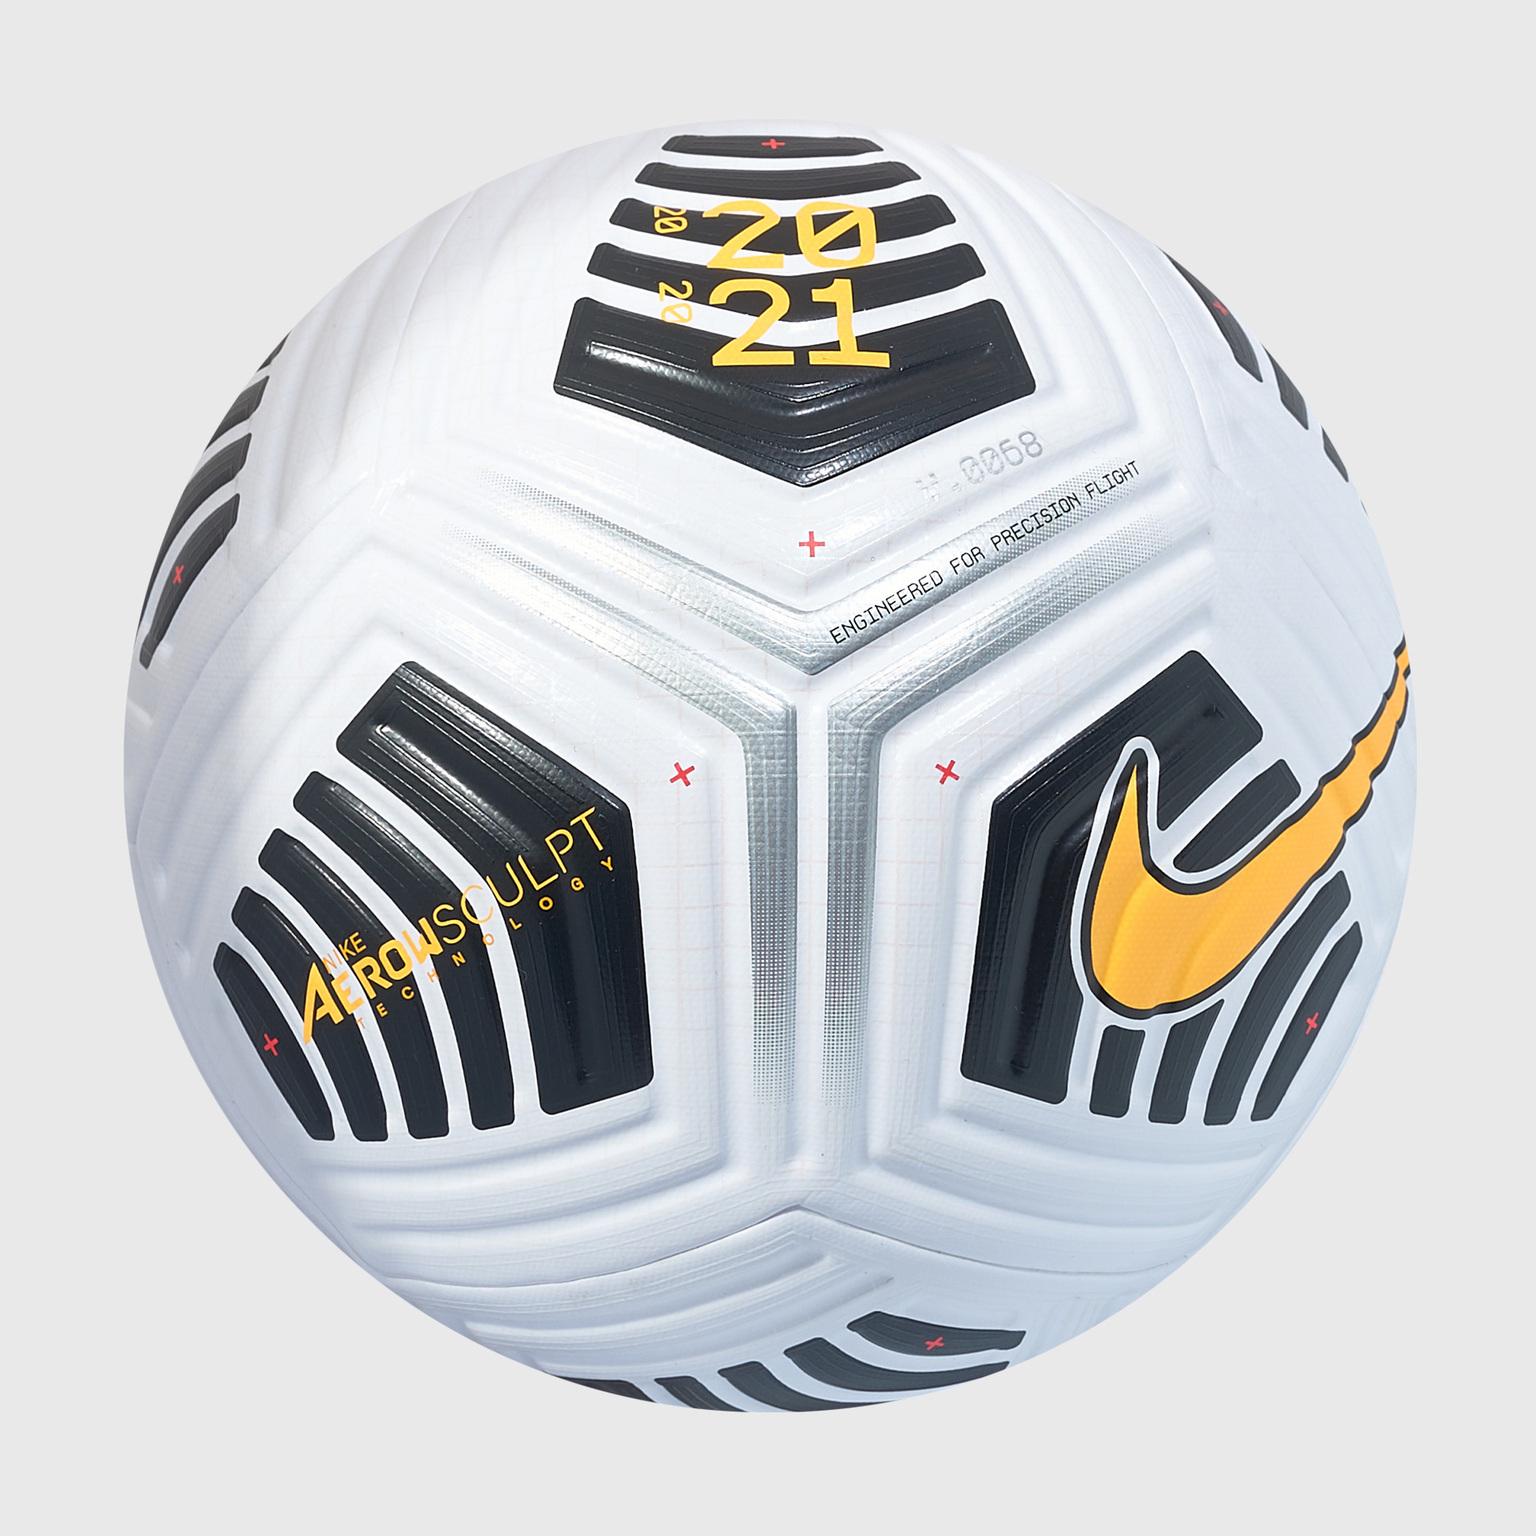 Футбольный мяч Nike Flight Ball DA5635-100 djeco djeco фломастеры для рисования 6 шт металлик